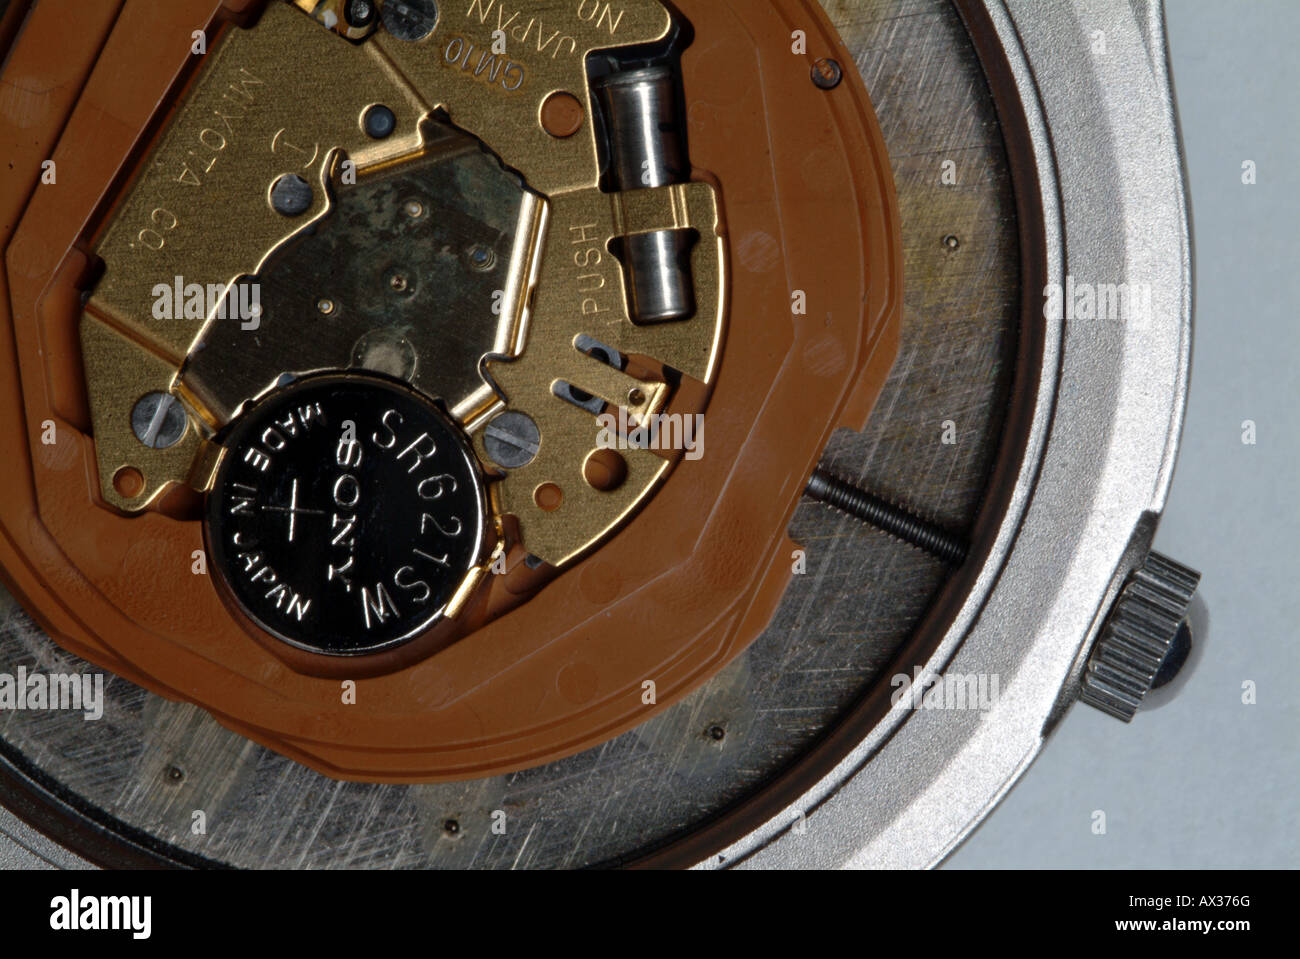 Pile au lithium dans une montre-bracelet numérique Photo Stock